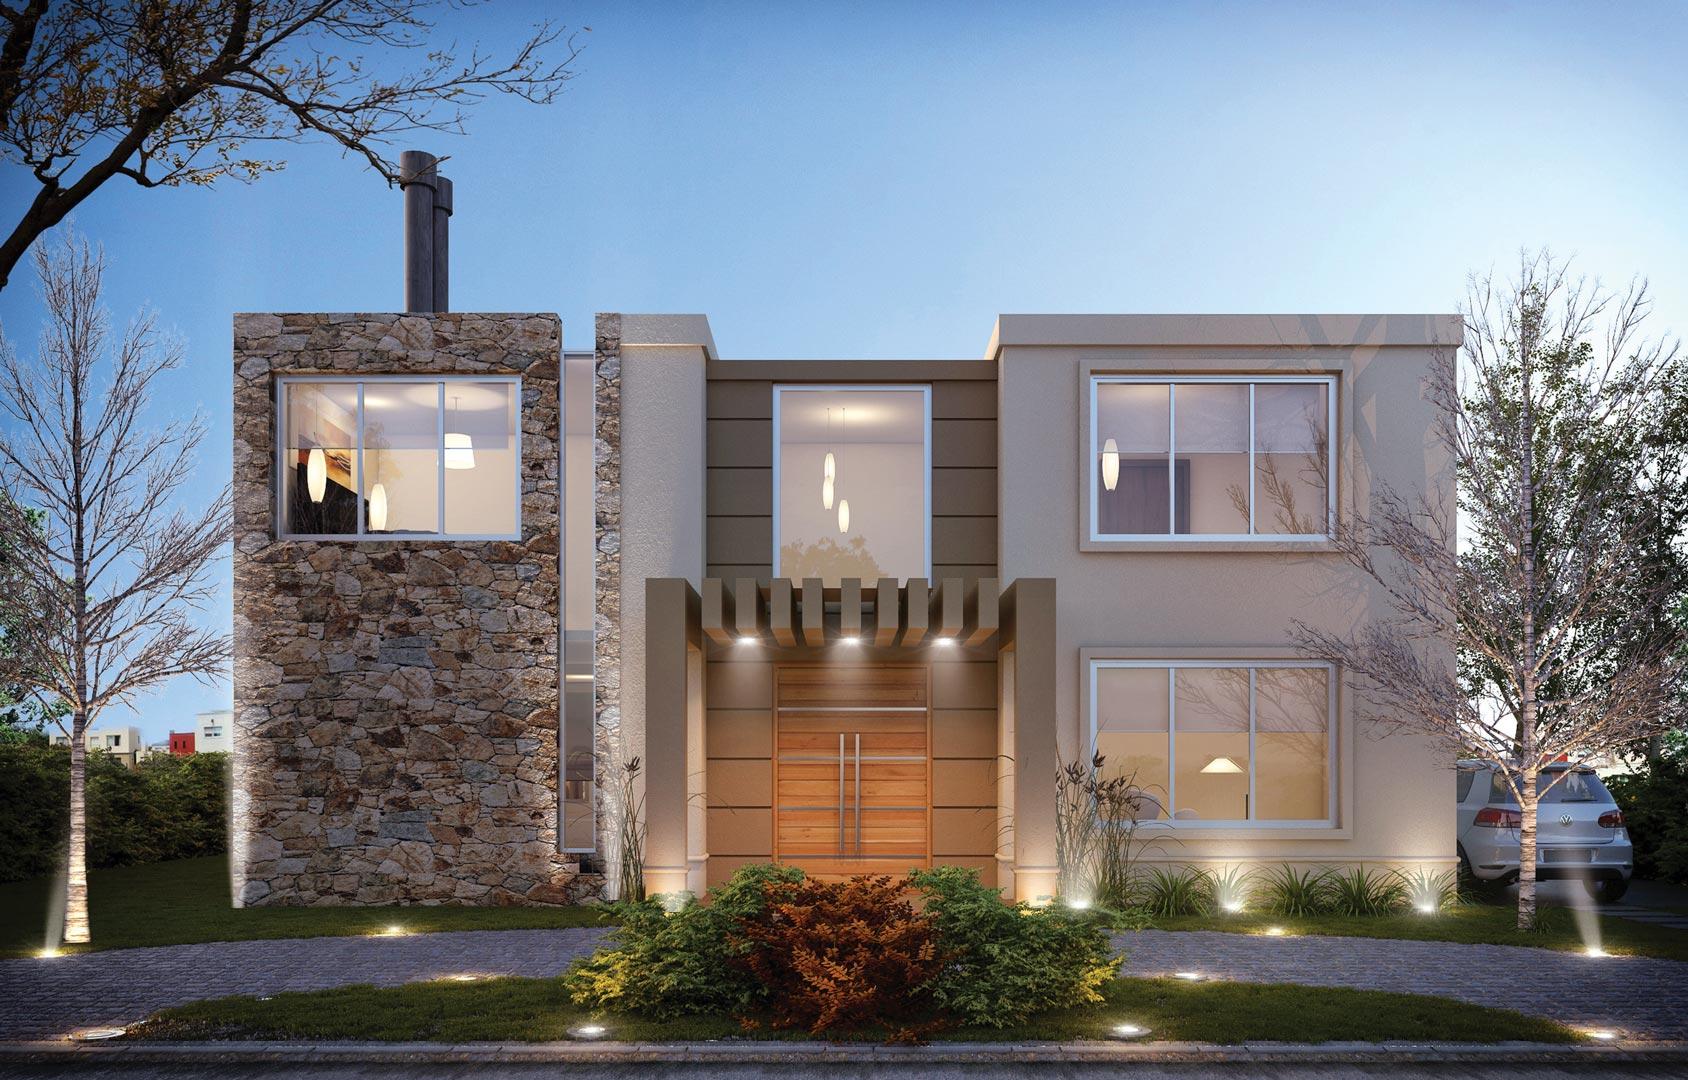 Galeria fotos estudio nf y asociados casa estilo for Casa de arquitecto moderno